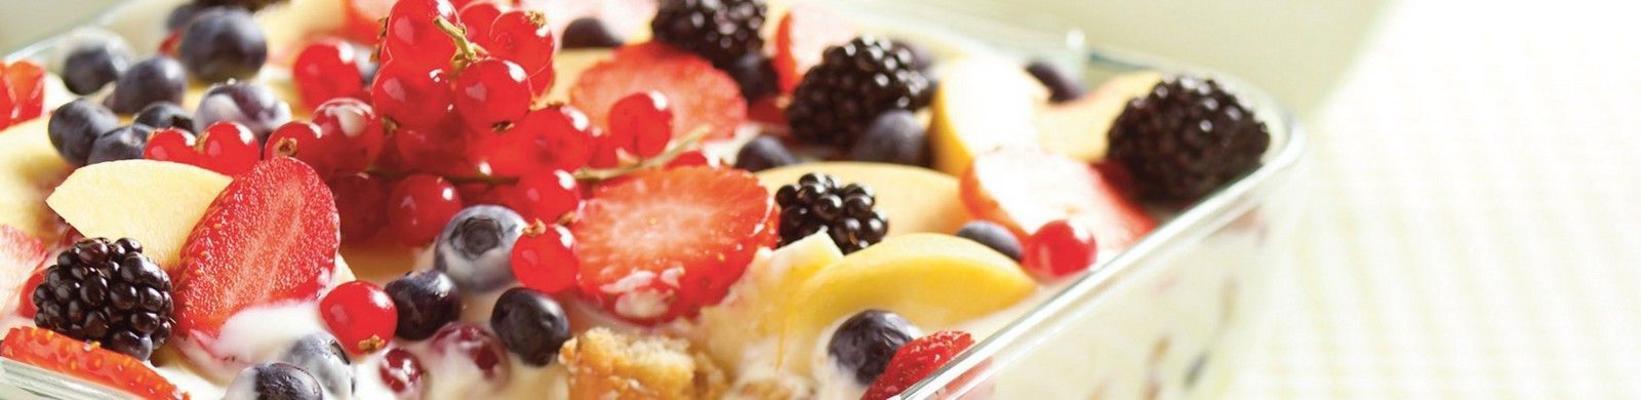 tiramisu with fruit